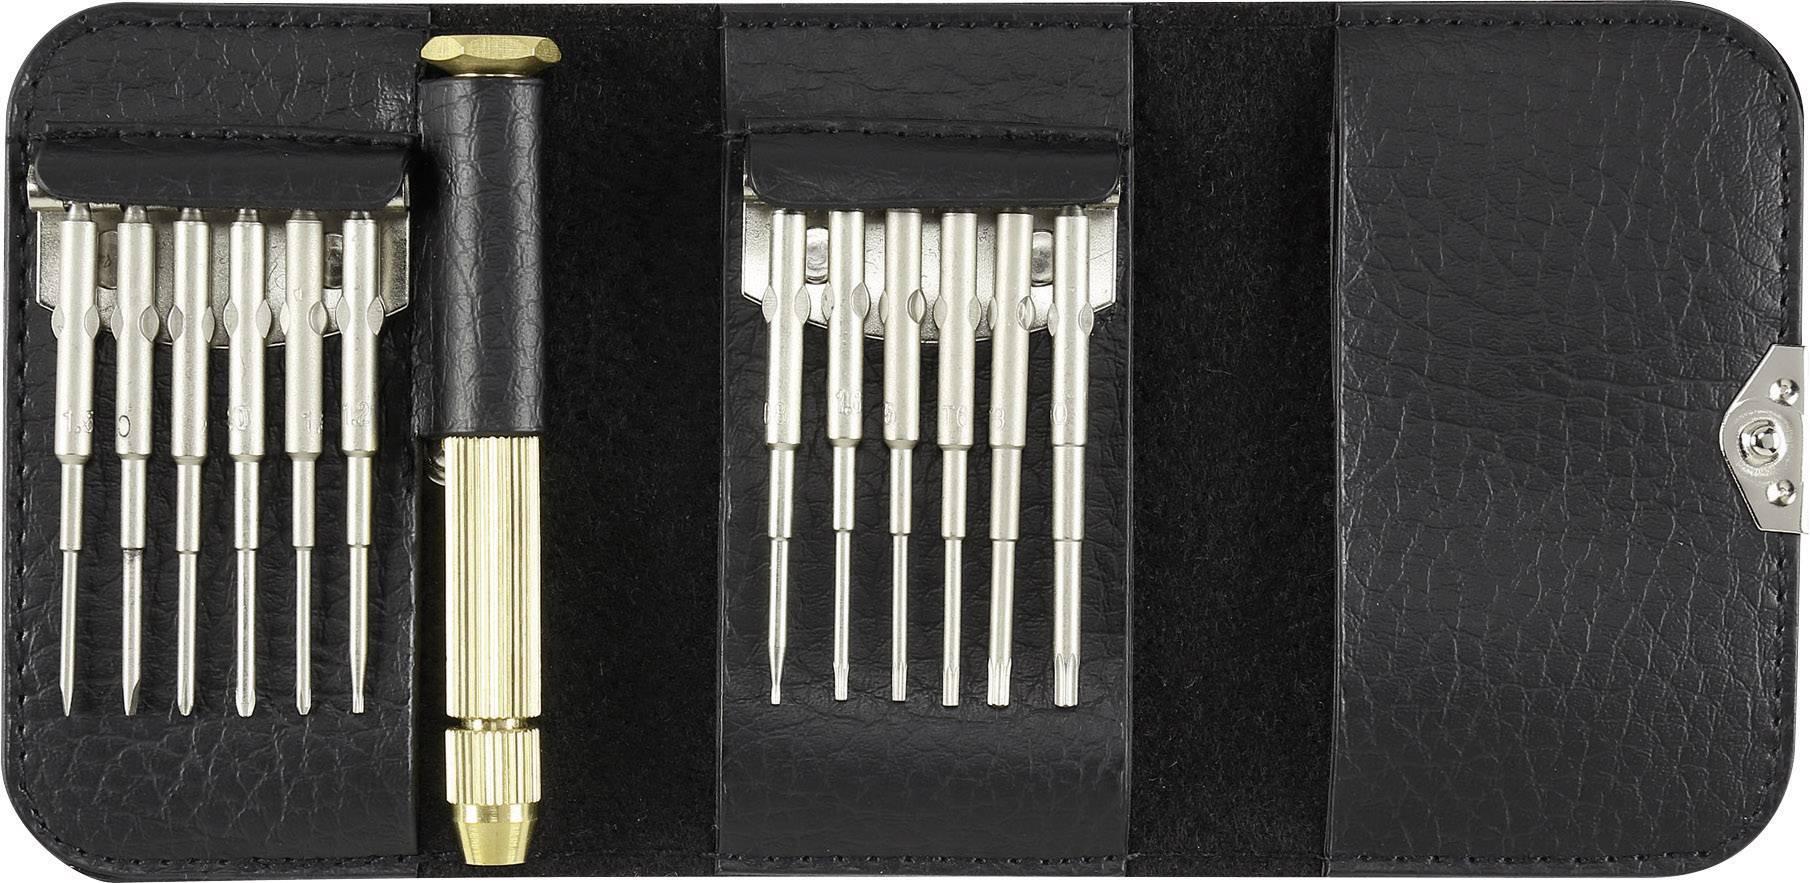 Sada skrutkovačov pre elektroniku a jemnú mechaniku TOOLCRAFT for iPhone 627426, 13-dielna